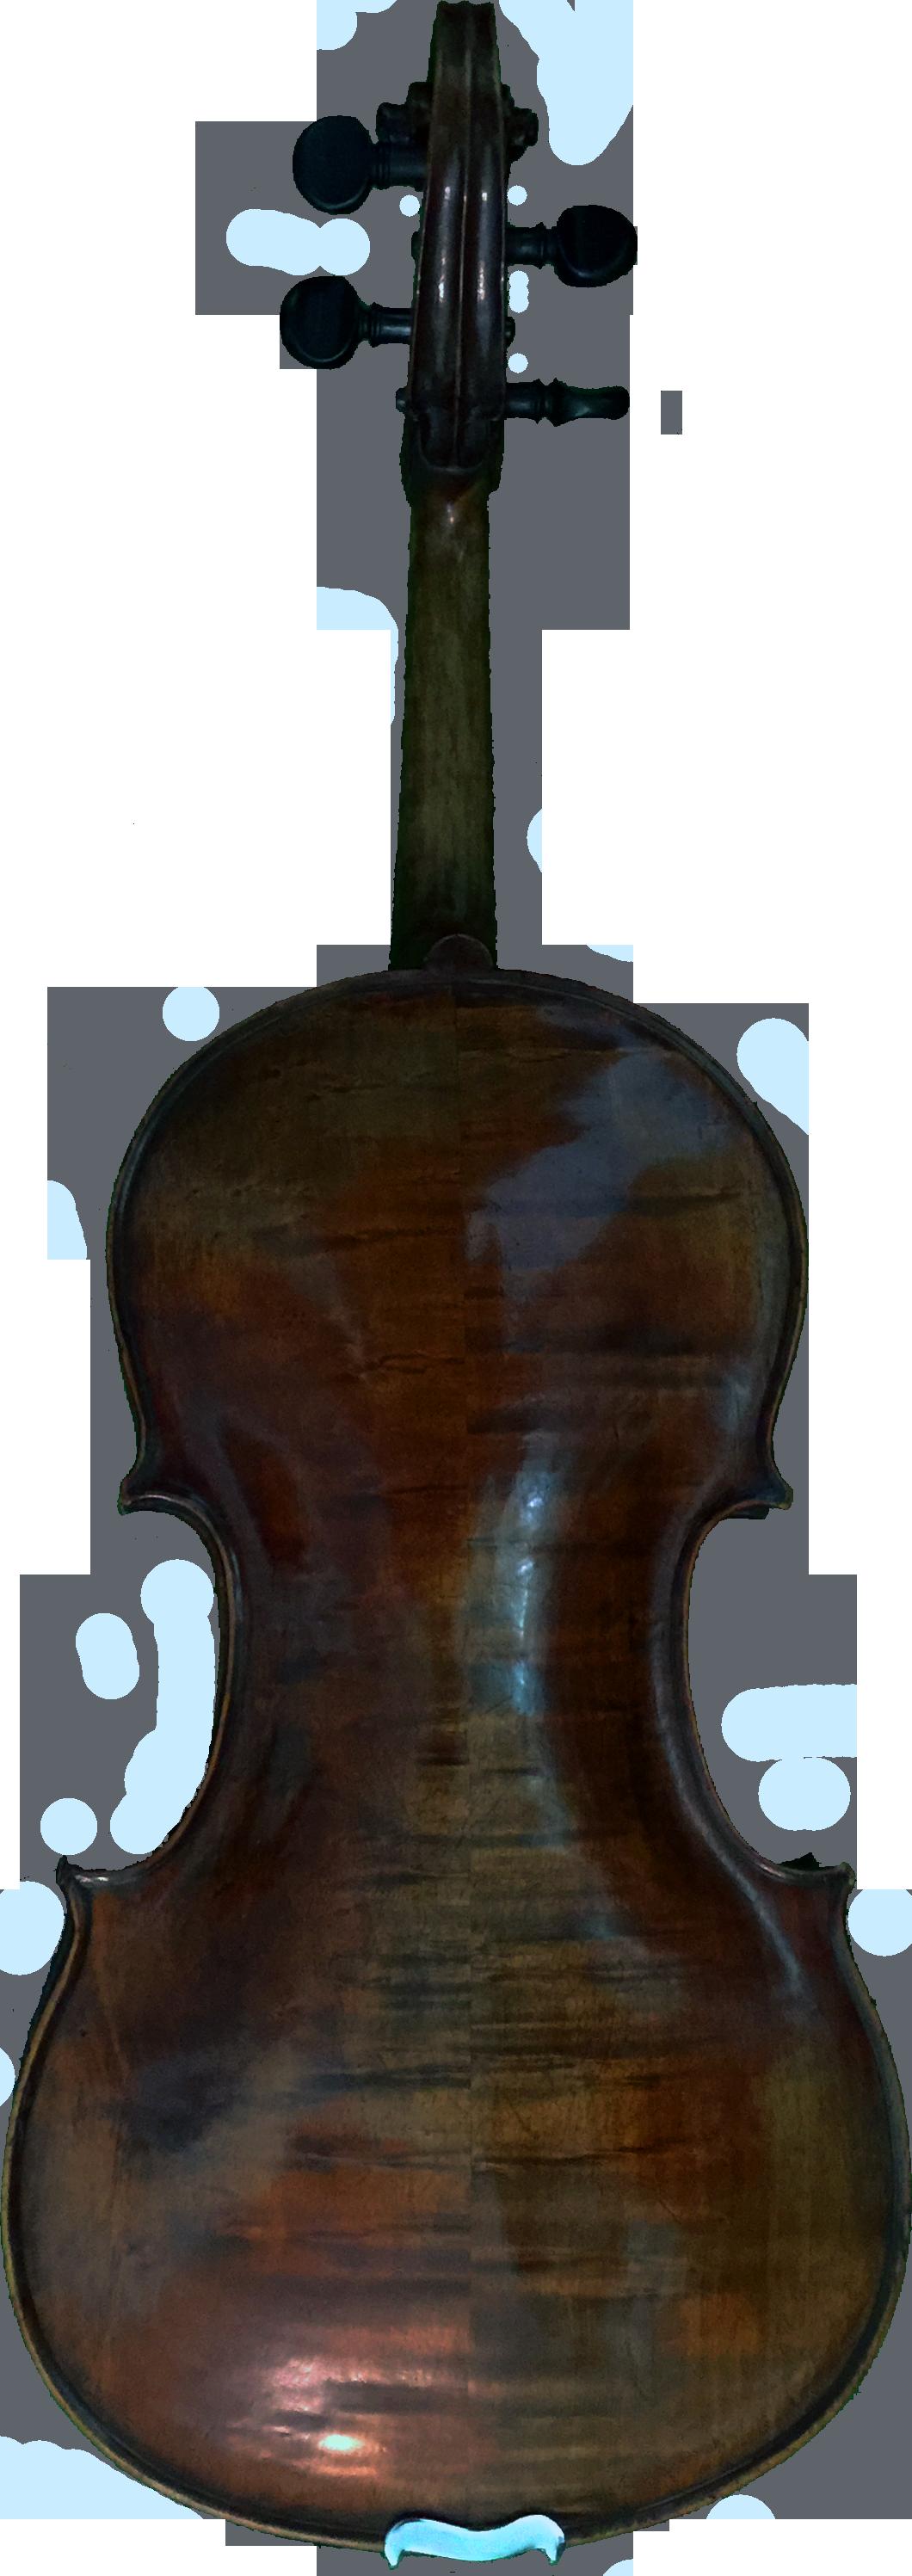 Valenzano Italy  city pictures gallery : Valenzano 15.5″ Viola 1790 | Atlantic Strings Violin Shop